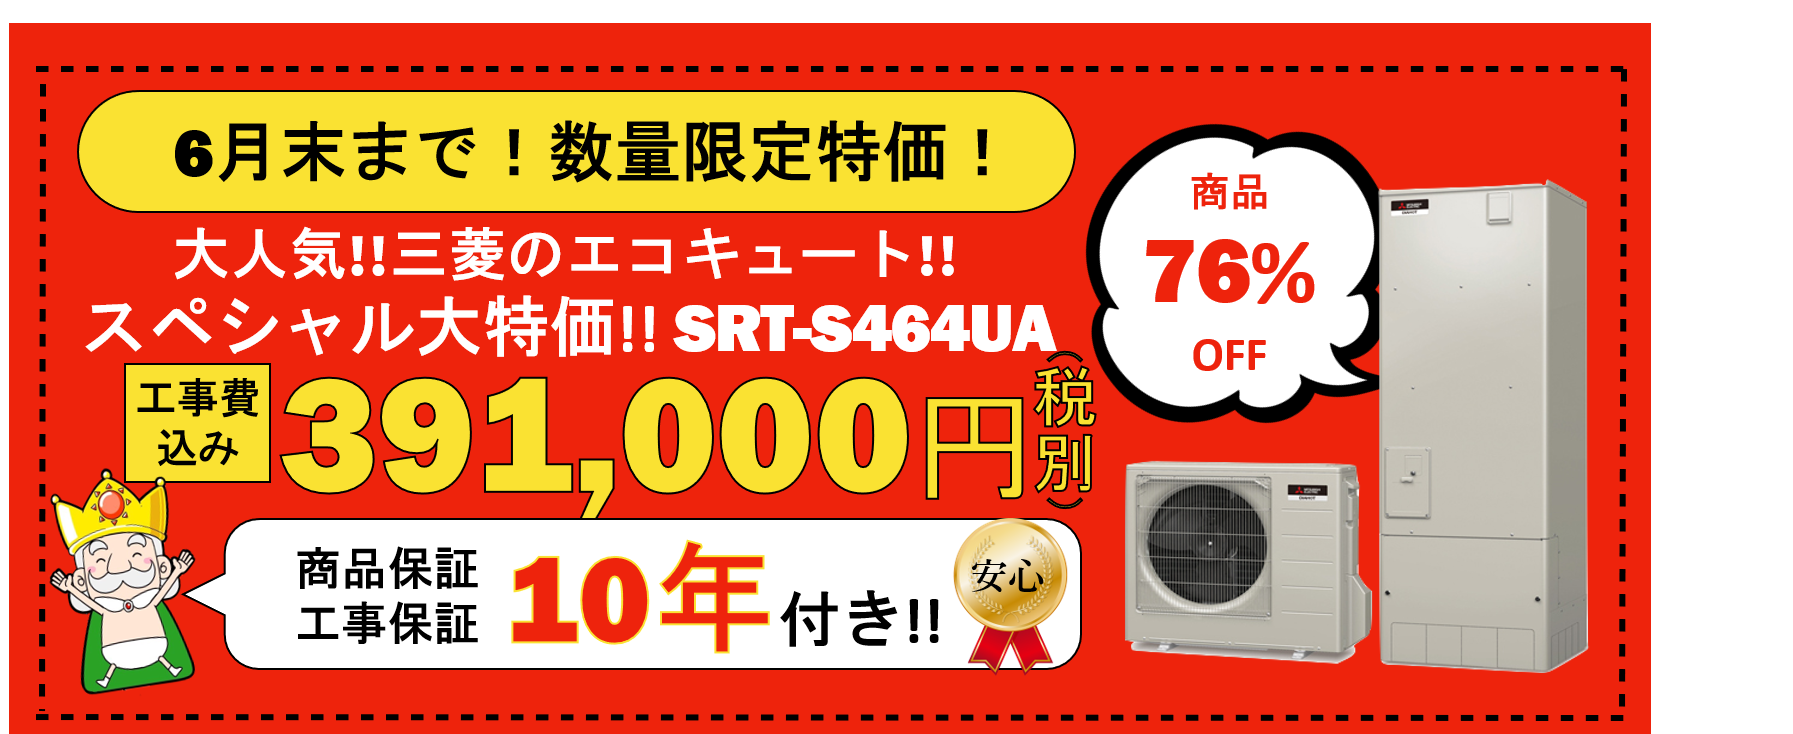 SRT-S464UA